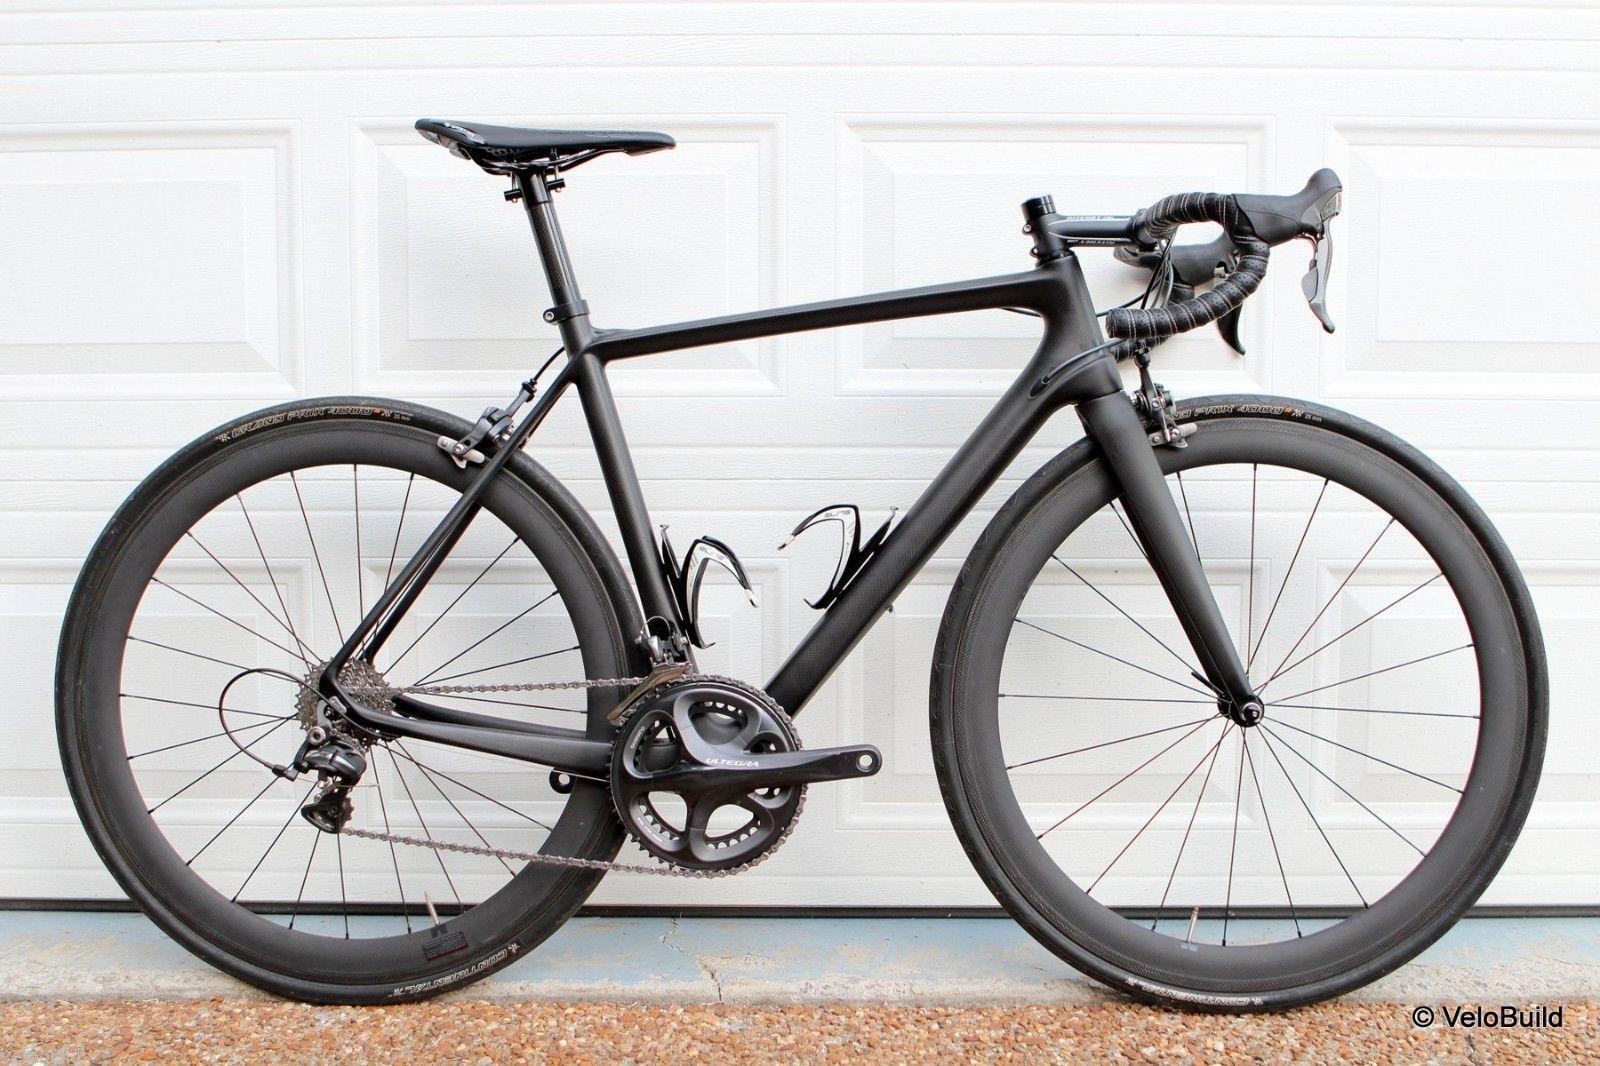 Velobuild R 016 Super Light Only 830g Carbon Fiber Road Frame Fork And Headset Classic Road Bike Carbon Road Bike Carbon Fiber